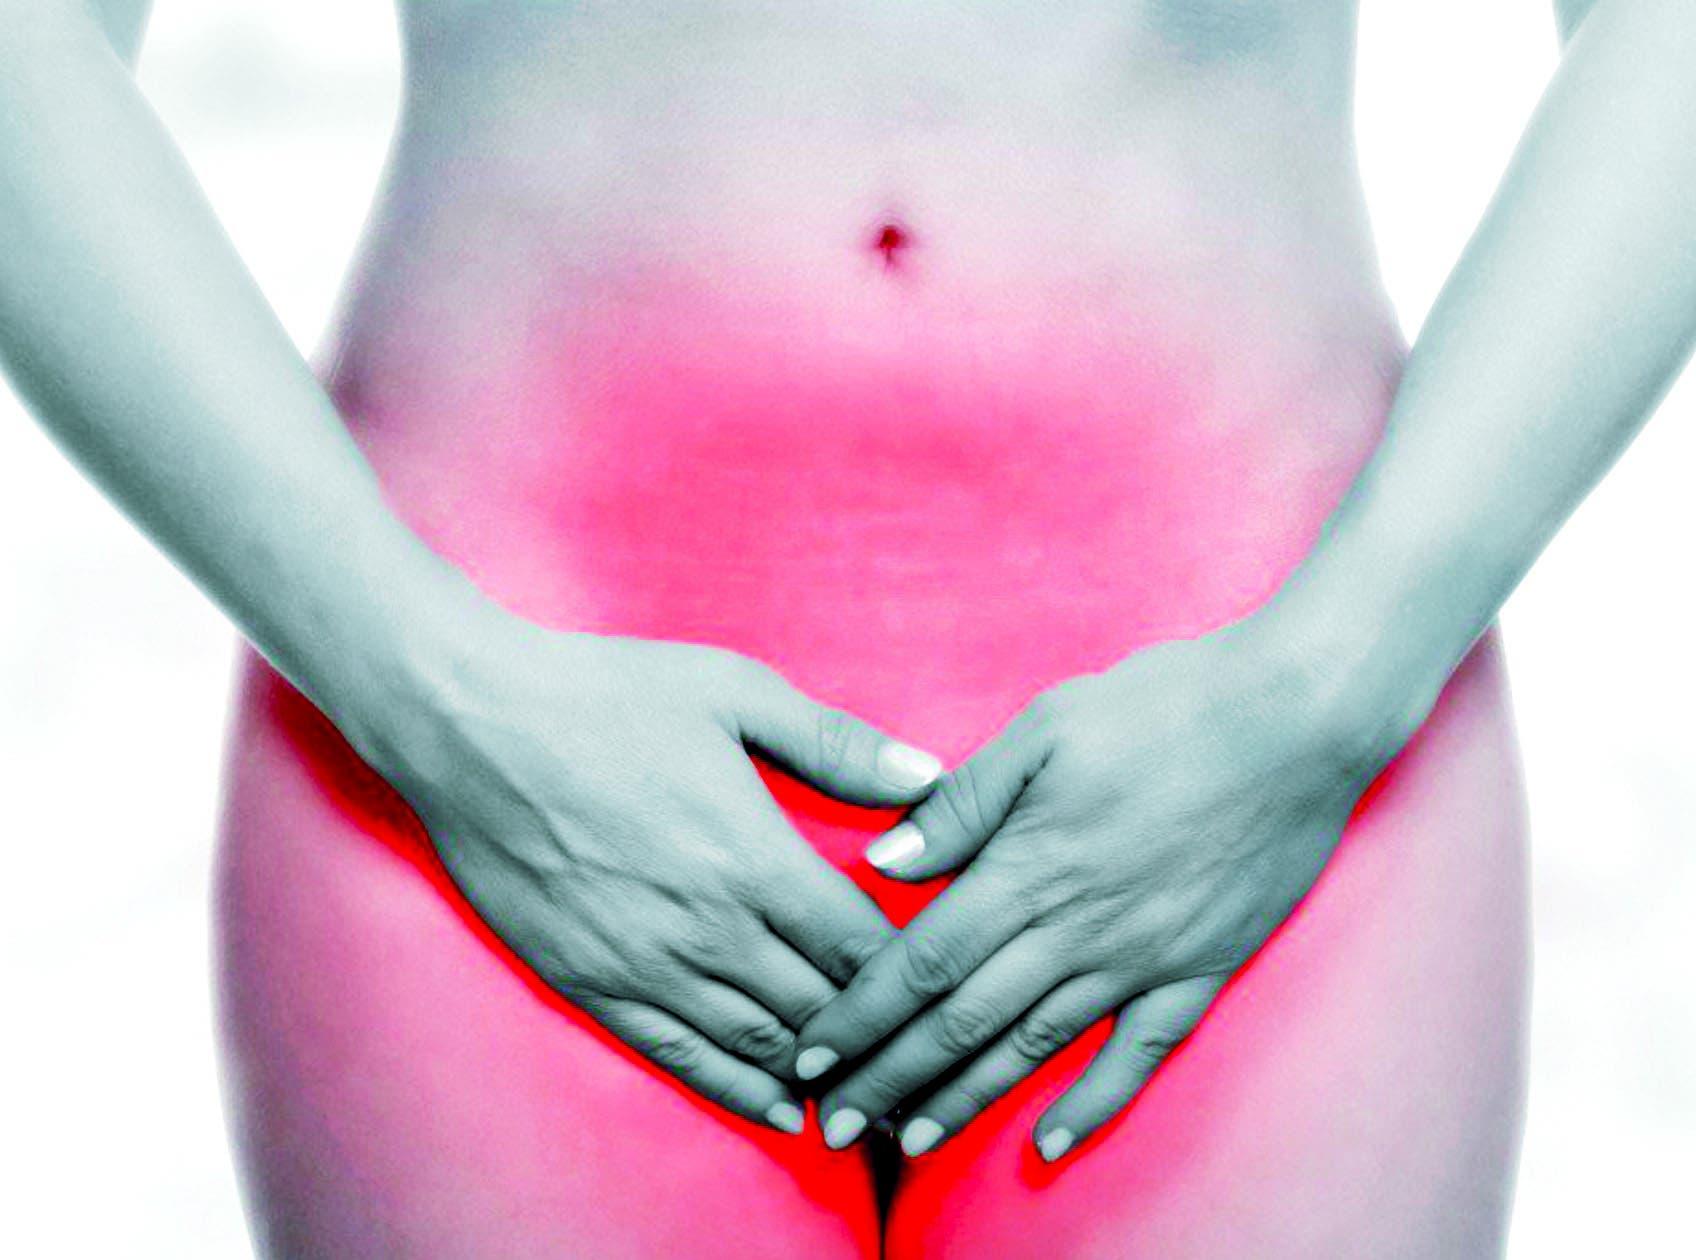 Las infecciones vaginales son motivos frecuentes en las consultas médicas